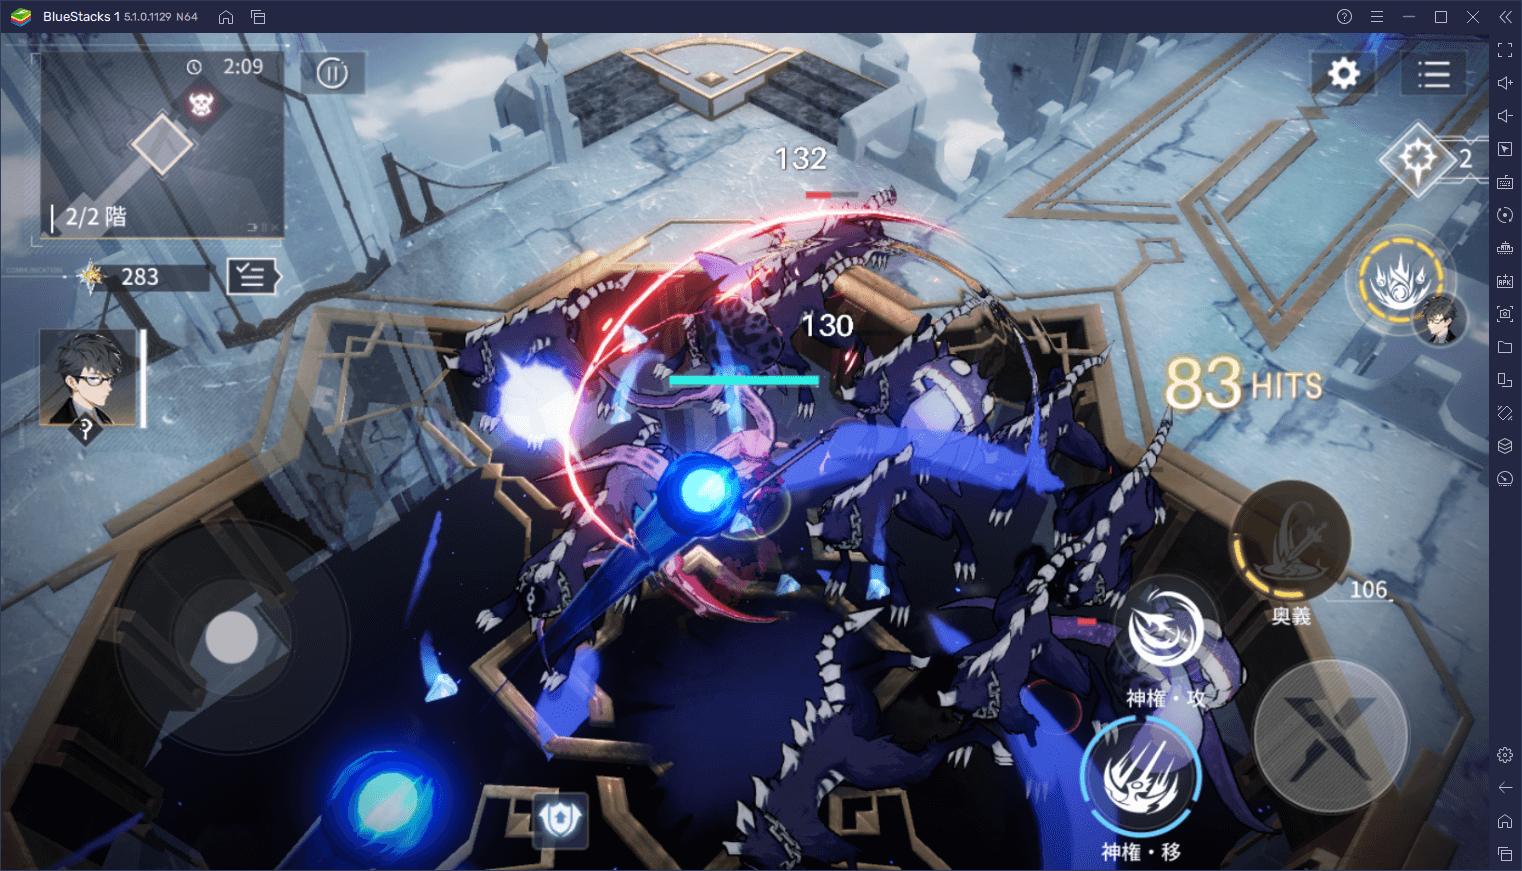 BlueStacksを使ってPCで『エクリプスサーガ』を遊ぼう